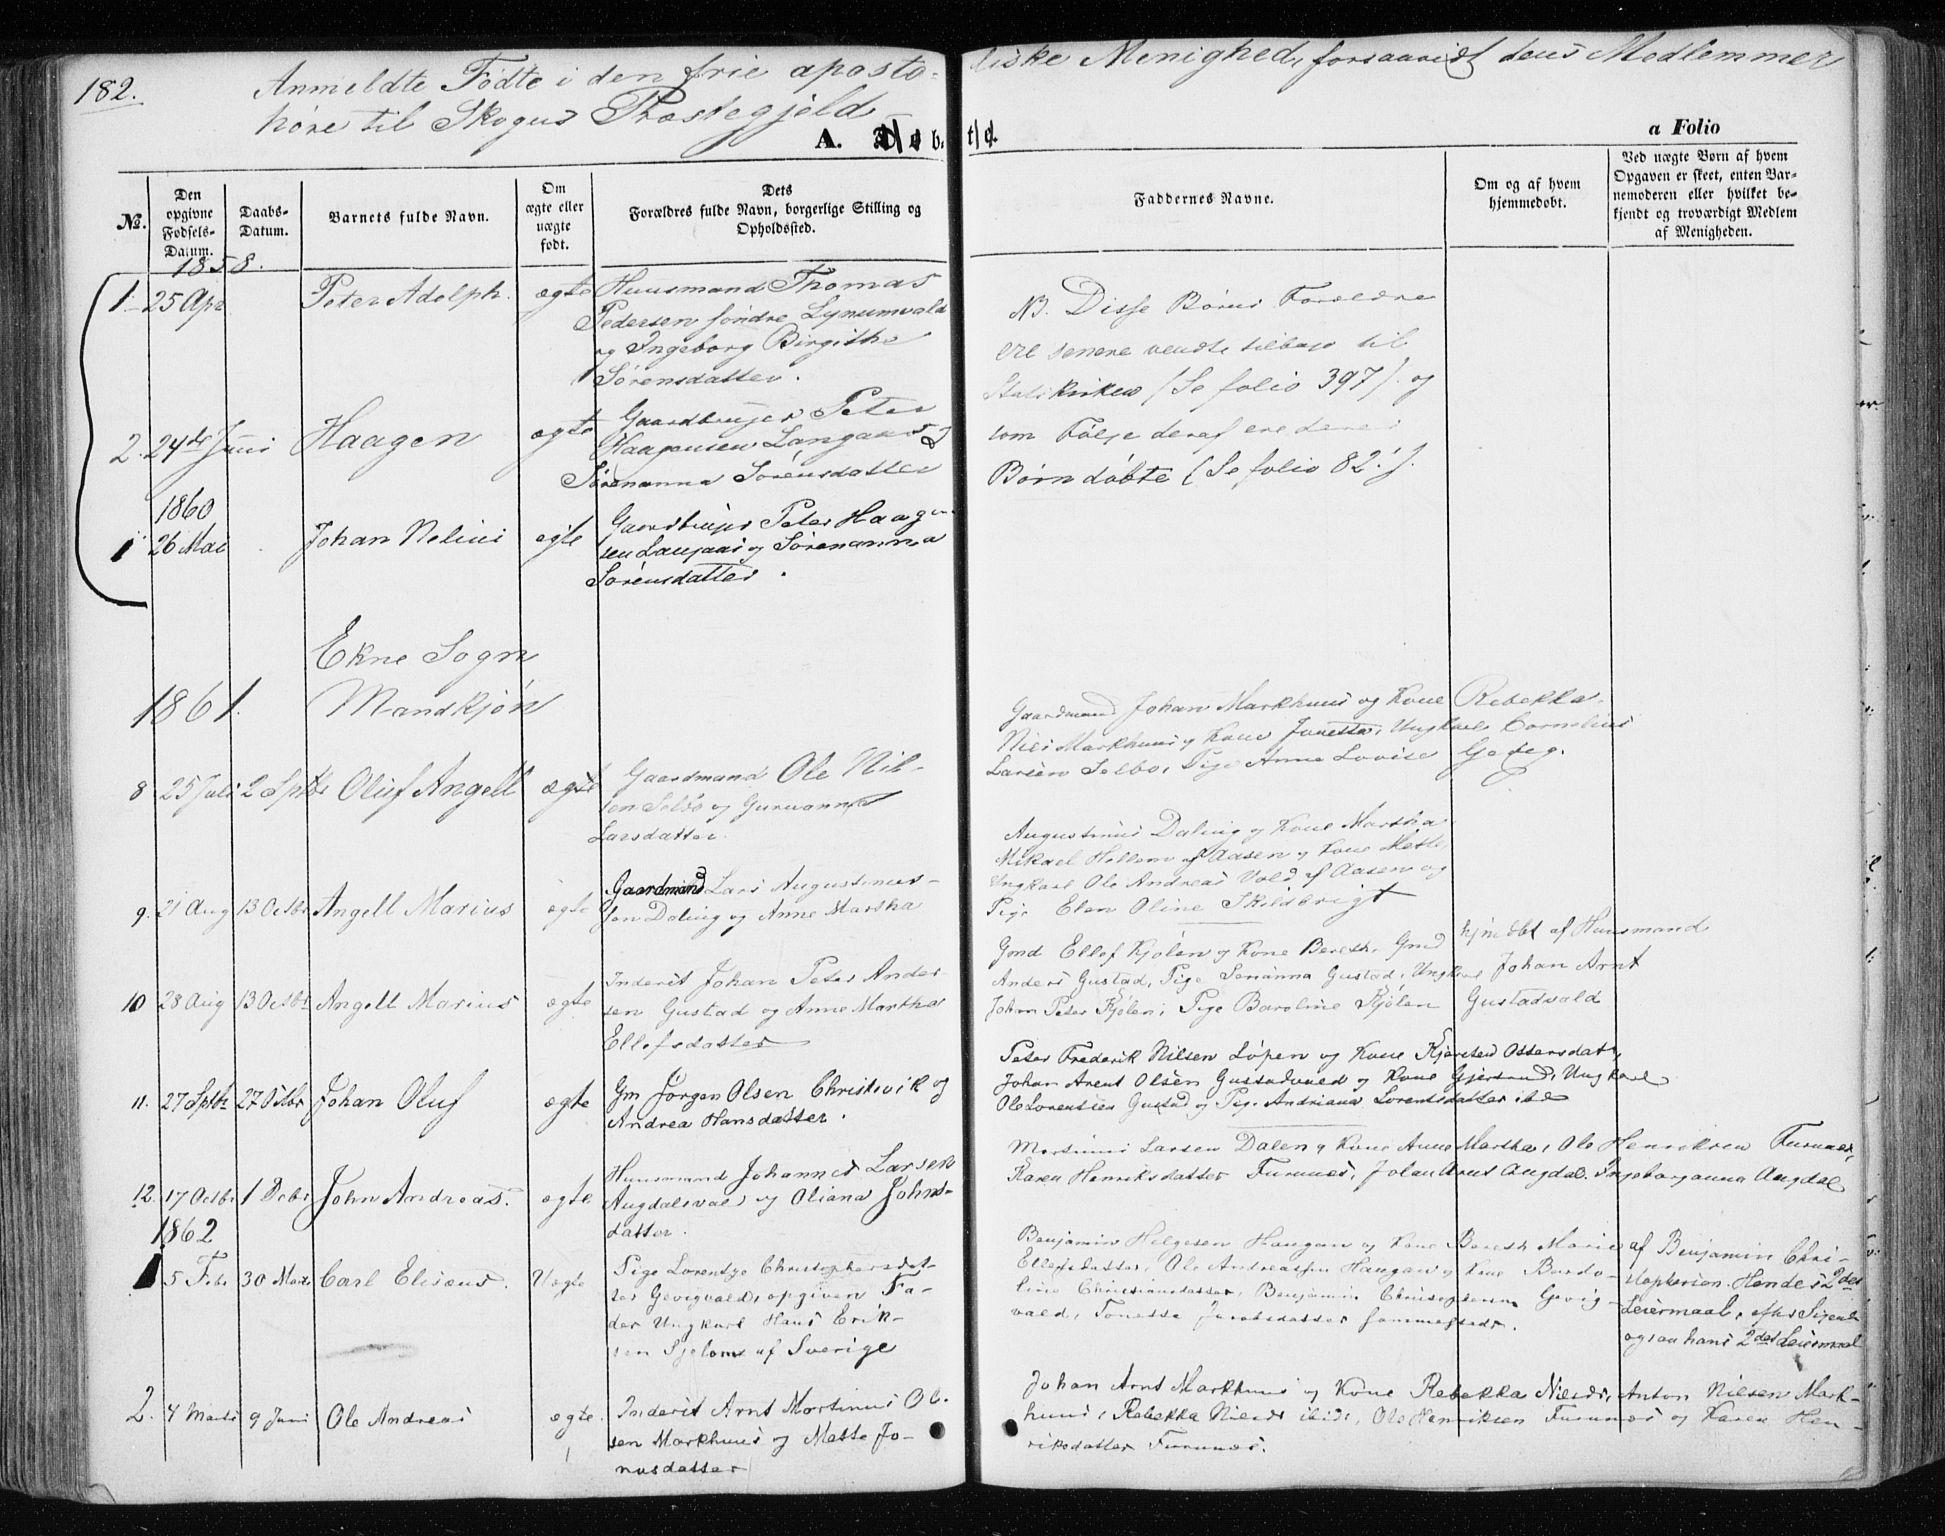 SAT, Ministerialprotokoller, klokkerbøker og fødselsregistre - Nord-Trøndelag, 717/L0154: Ministerialbok nr. 717A07 /3, 1850-1862, s. 182